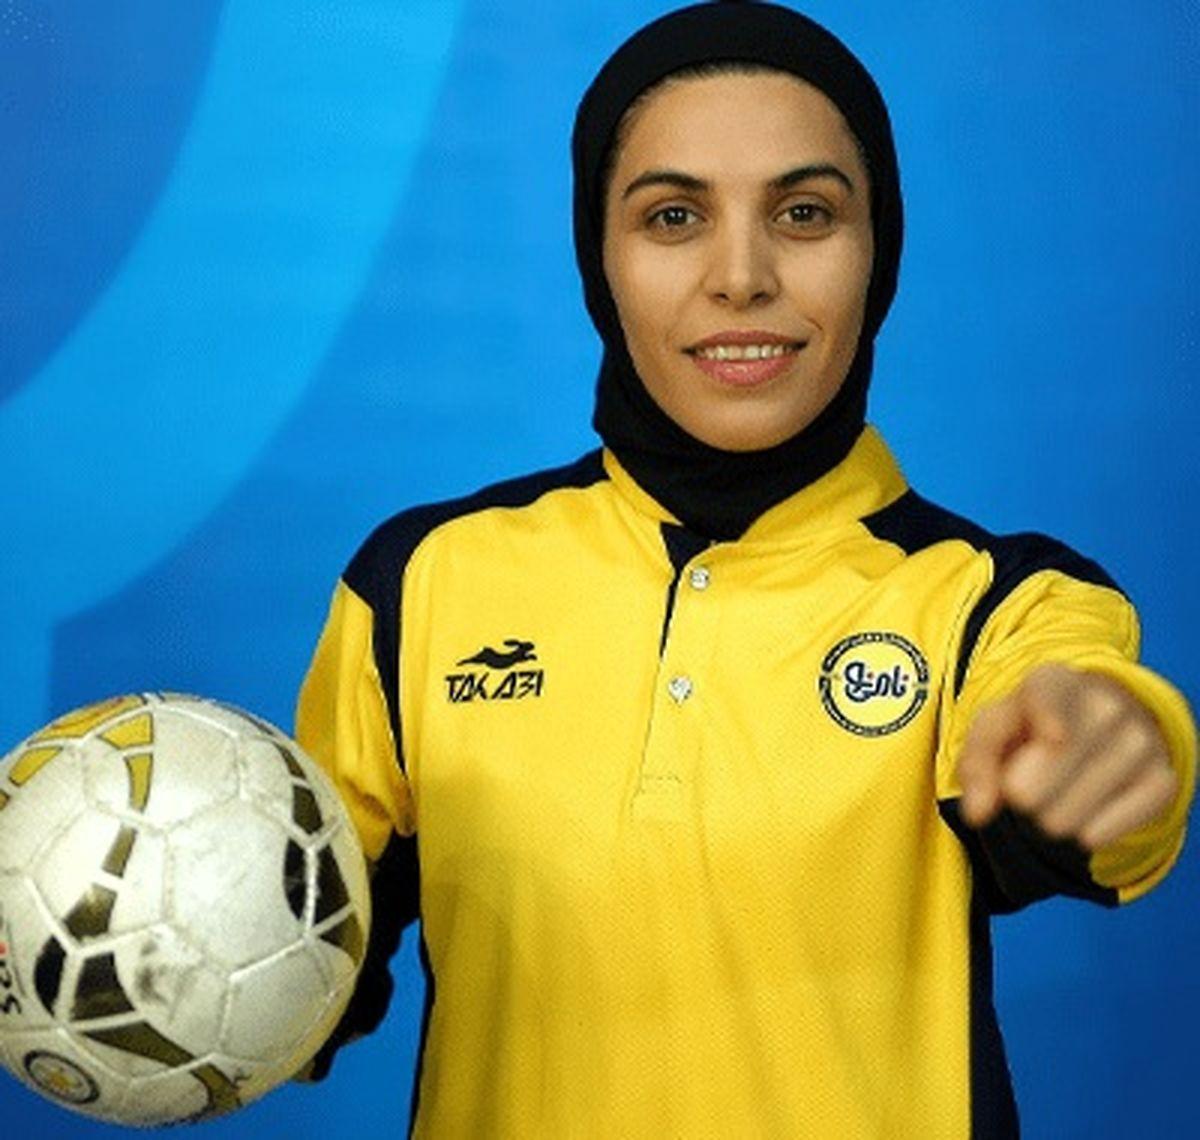 ورزشکار زن ایرانی در لیست برترینها +عکس